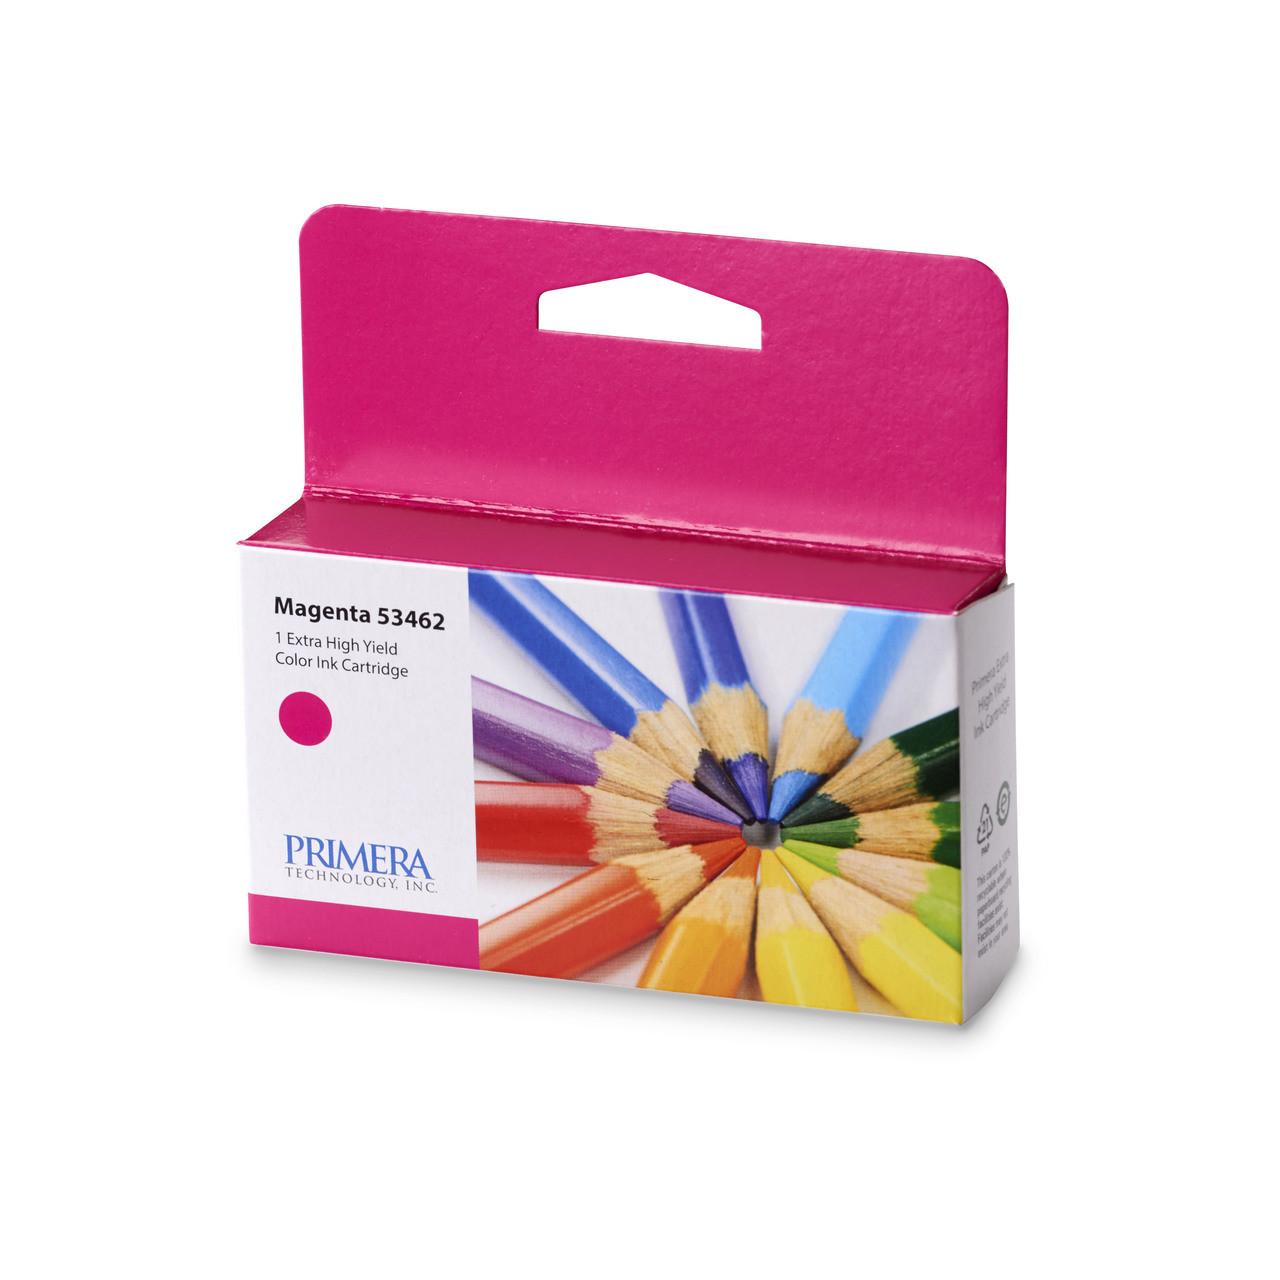 Primera LX2000 Magenta Pigment Ink Cartridge